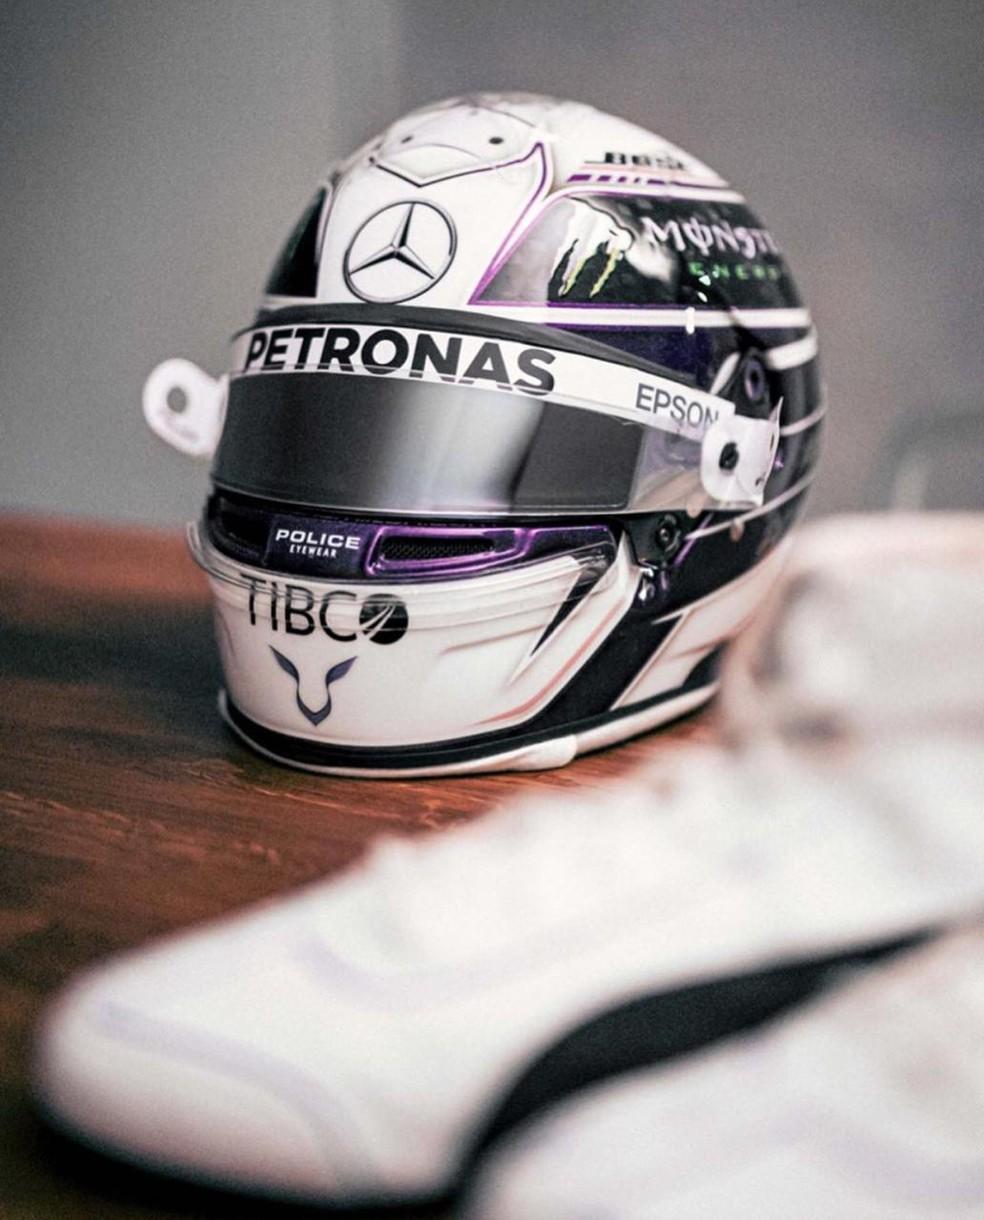 O capacete que Hamilton vai usar em 2020 — Foto: Divulgação/Raí Caldato